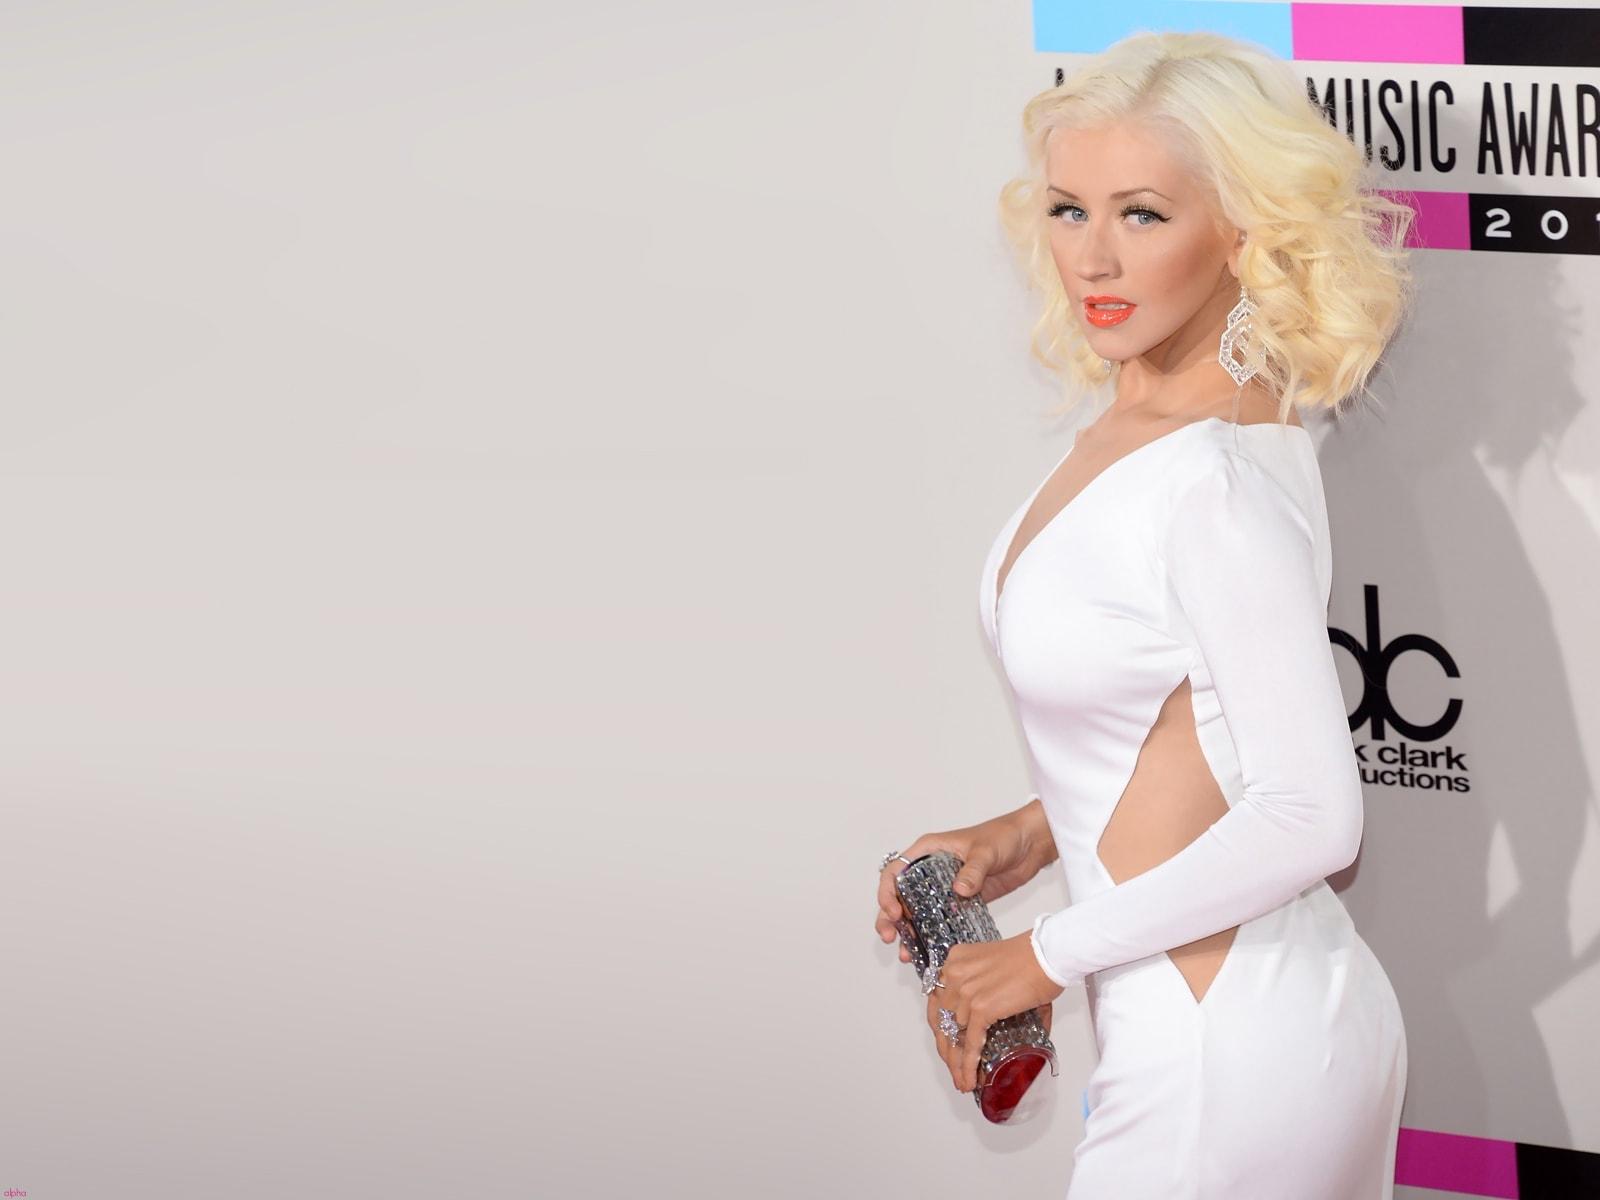 Christina Aguilera HD Desktop Wallpapers 7wallpapersnet 1600x1200